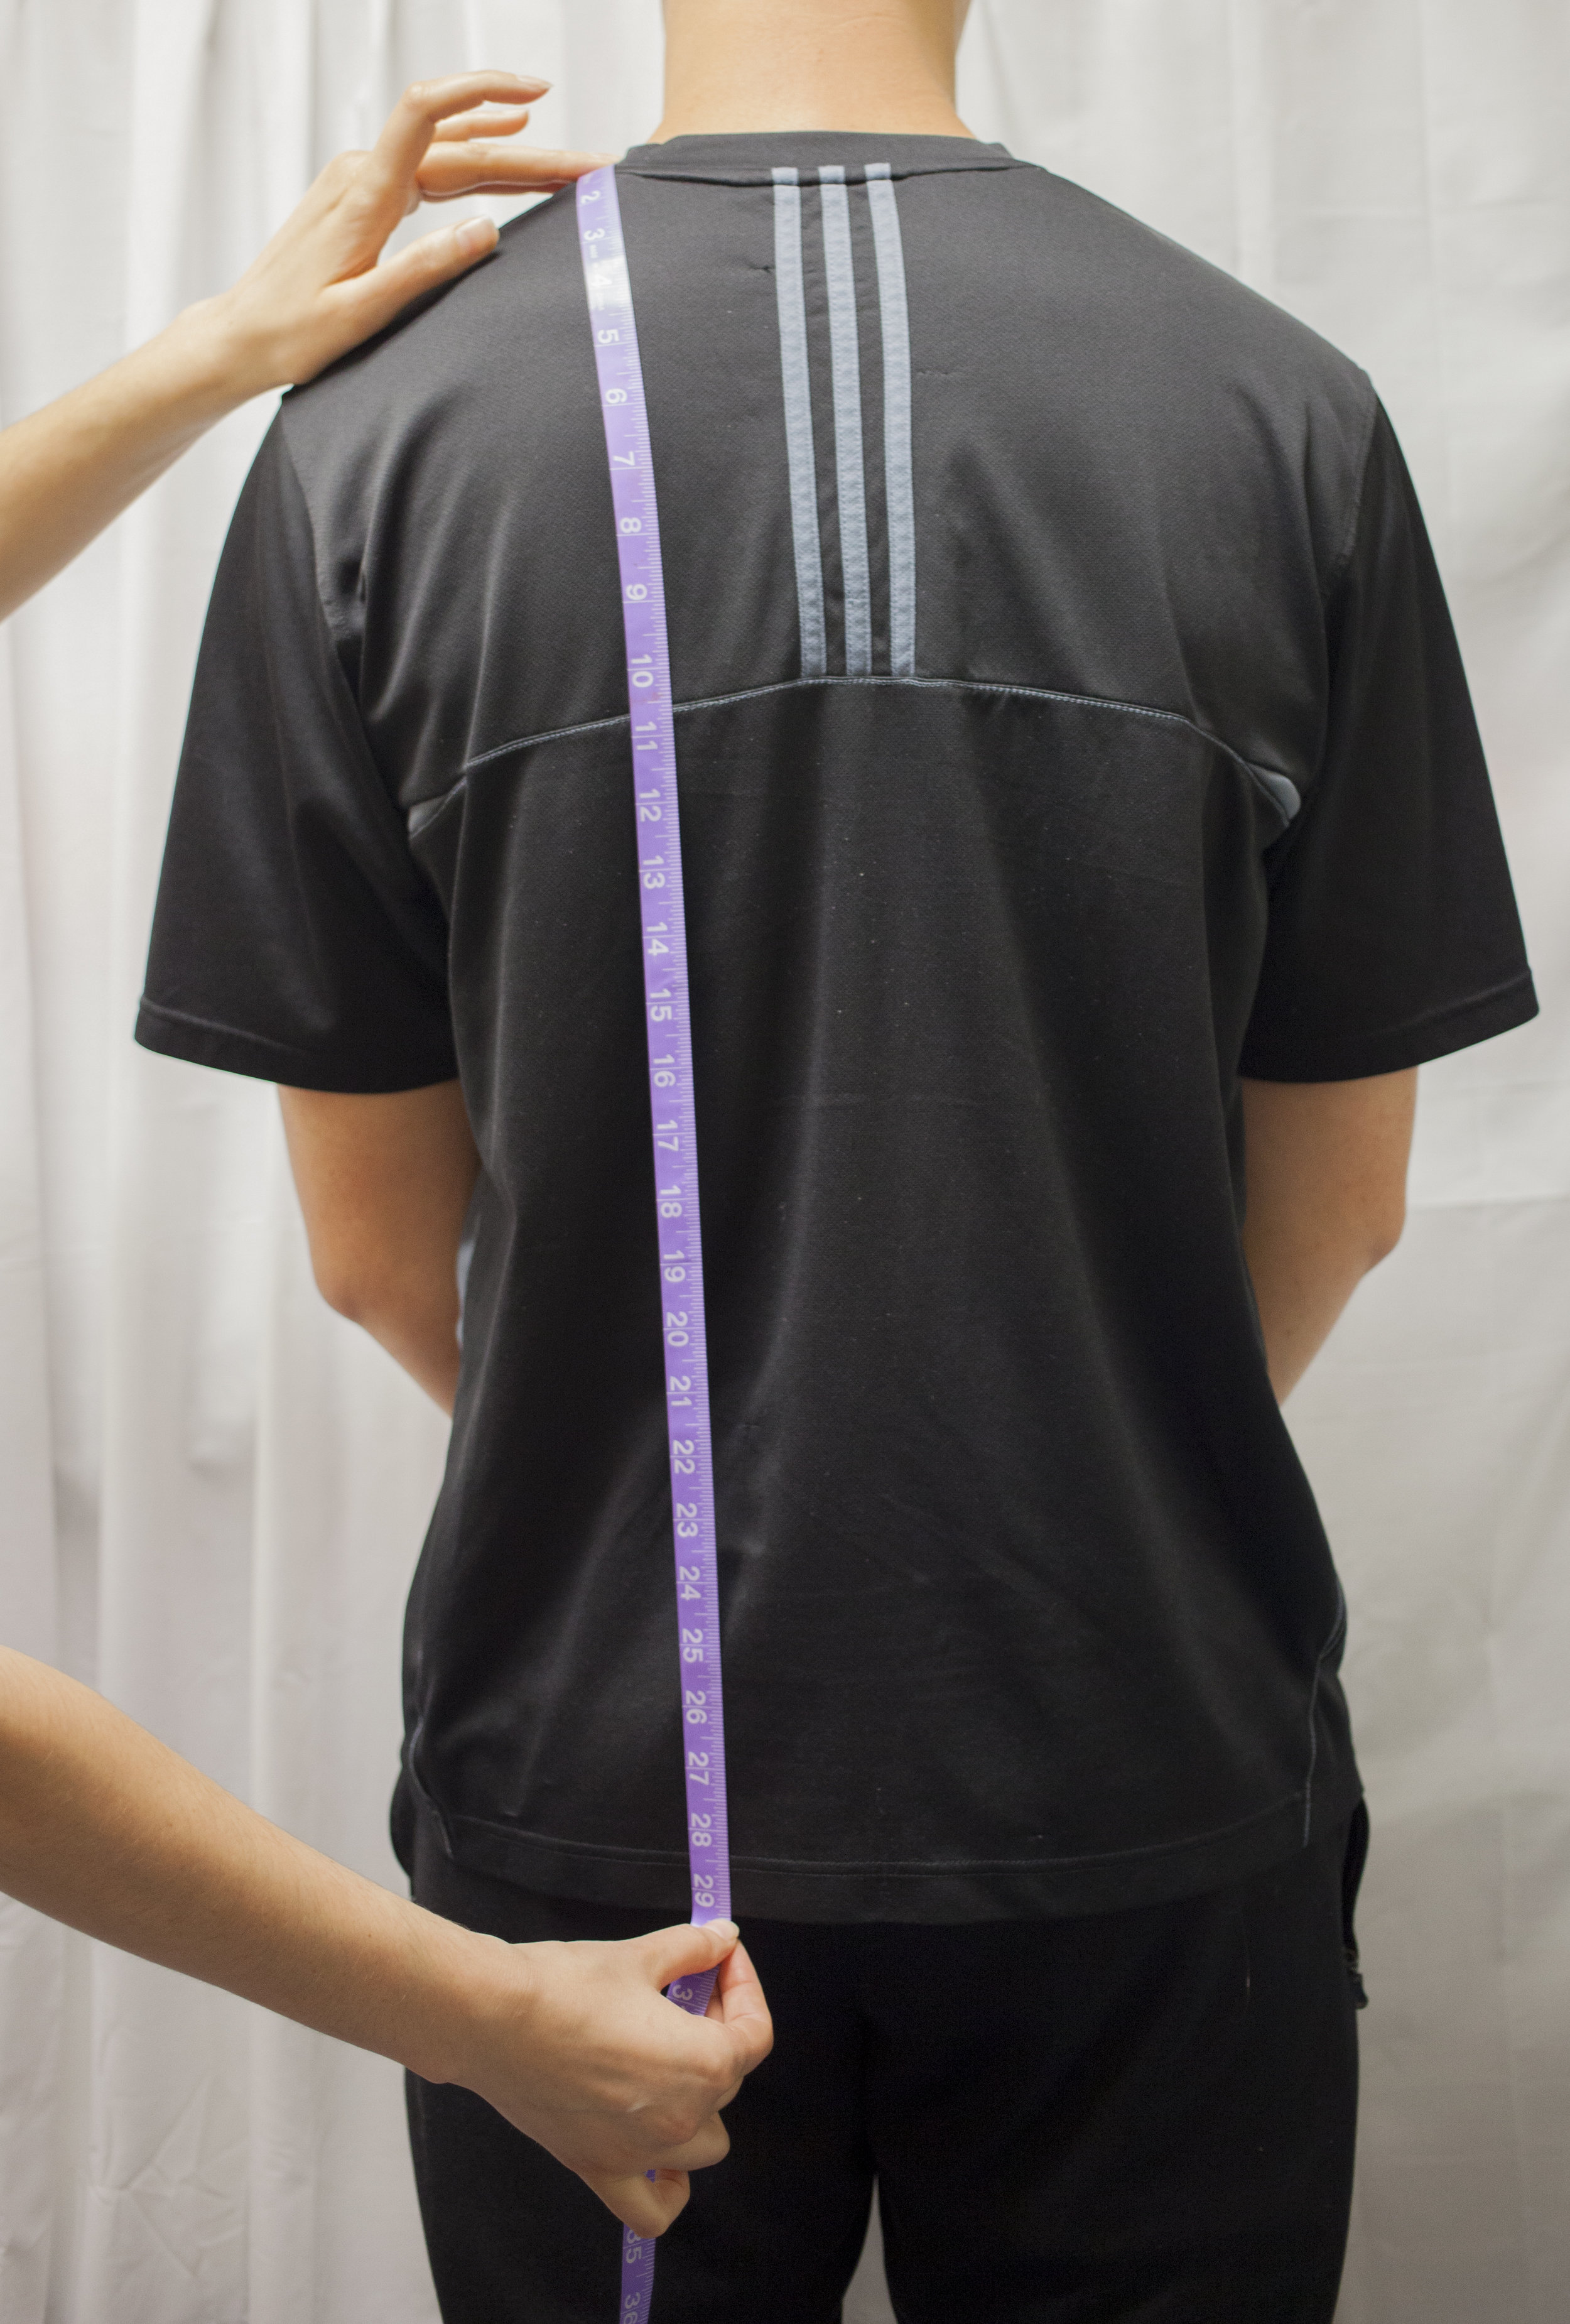 11. Shoulder to Hem (Back)